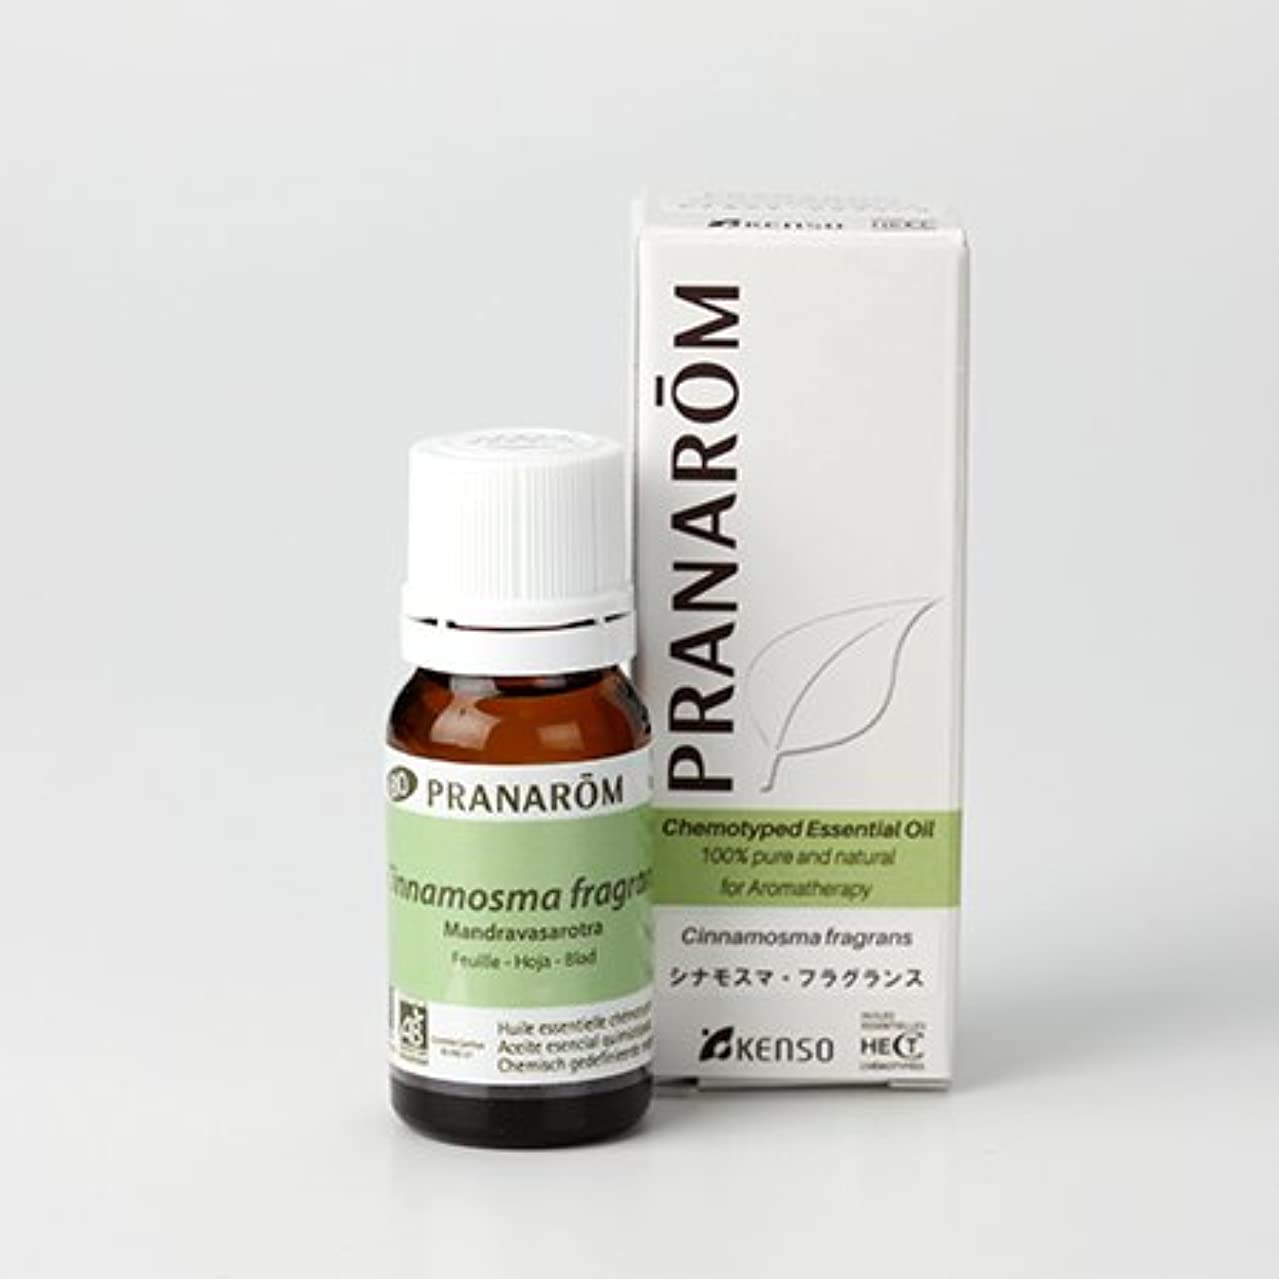 ガイド紳士気取りの、きざなリフレッシュプラナロム ( PRANAROM ) 精油 シナモスマ?フラグランス 10ml p-32